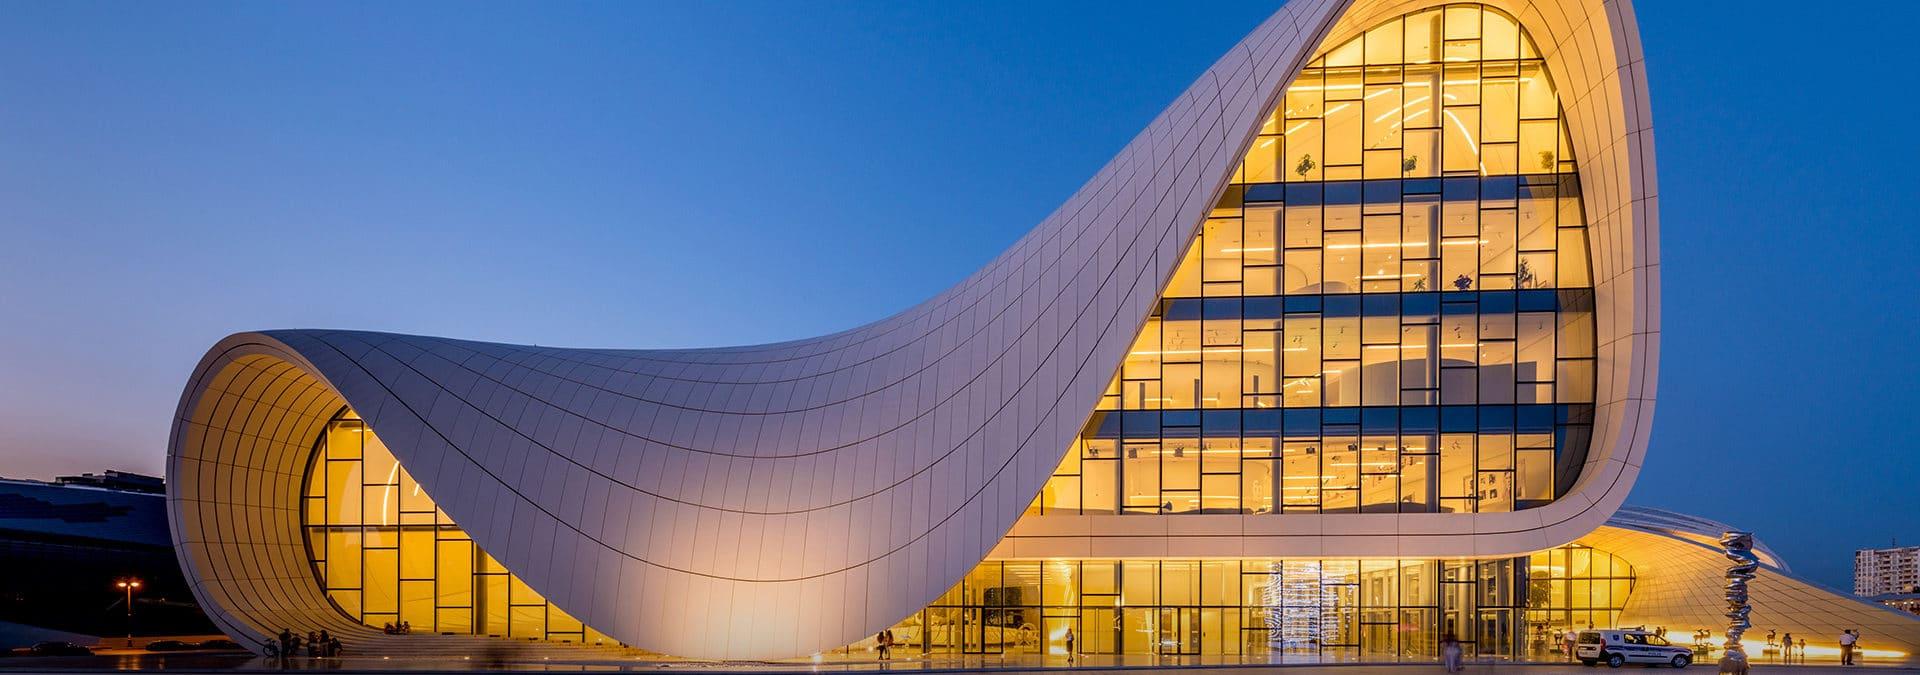 يعتبر الماكس و الإظهار المعماري أحد معايير عالم صناعة الإظهار المعماري: